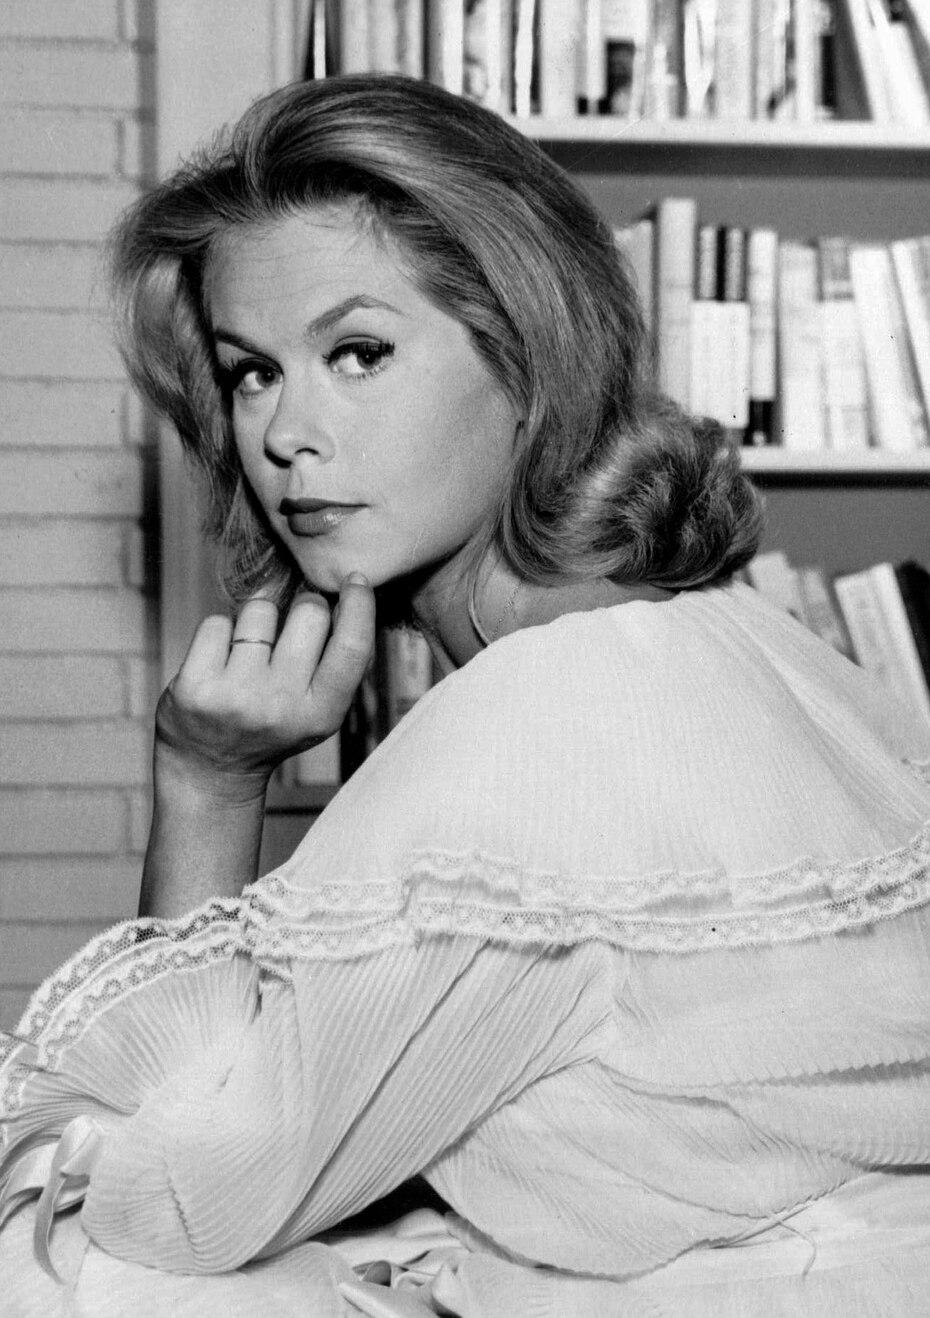 Elizabeth Montgomery, hija de la actriz Elizabeth Allen y del popular actor Robert Montgomery, quien fue una polifacética artista, ganadora de mueve premios Emmy y tres Globos de Oro. Nació el 15 de abril de 1993, en Los Ángeles y murió el 18 de mayo de 1995, en Bervely Hills, California a causa de cáncer colorrectal.